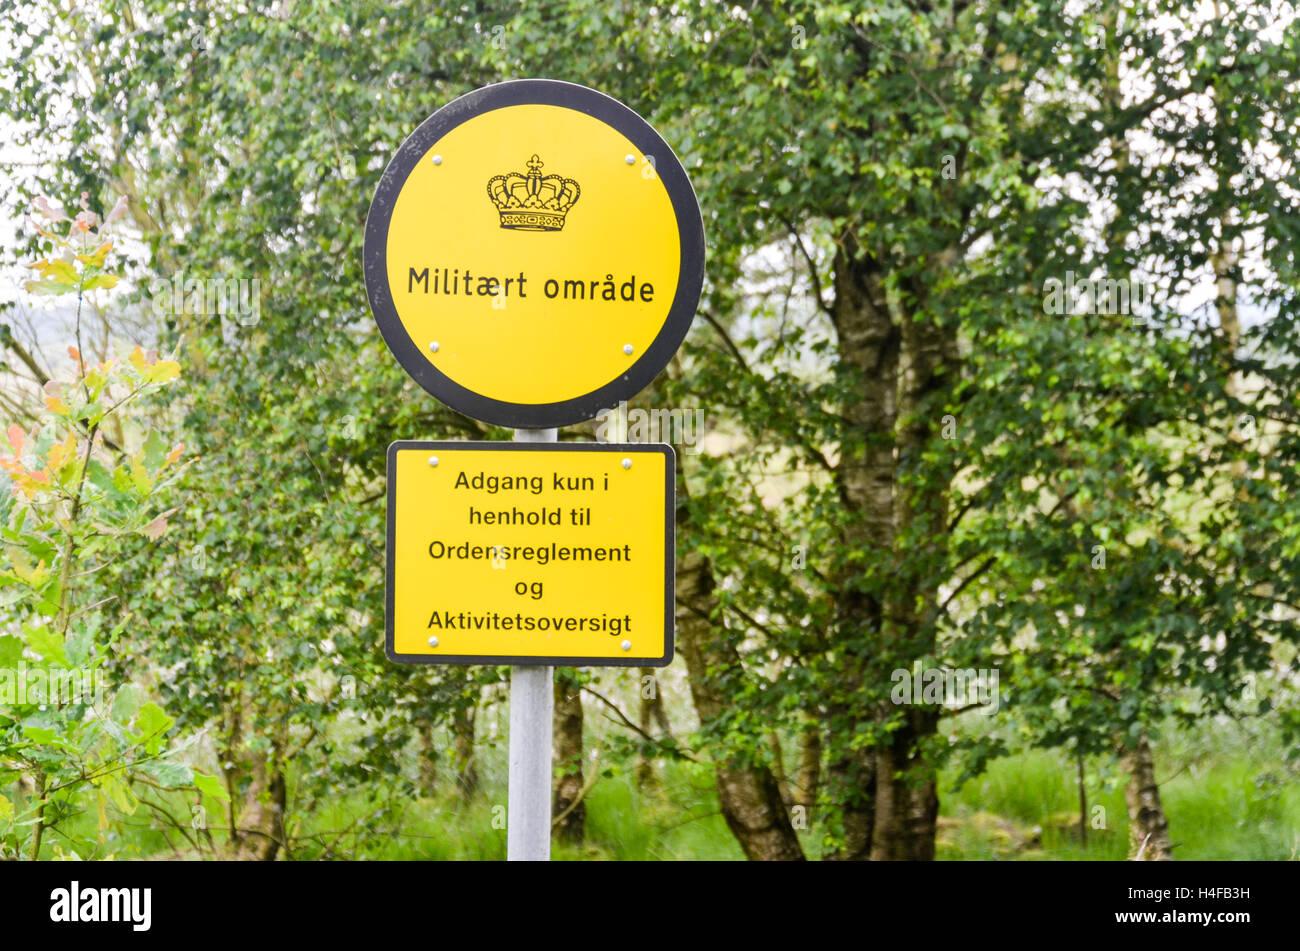 Military sign in Denmark reading Militært område - Stock Image